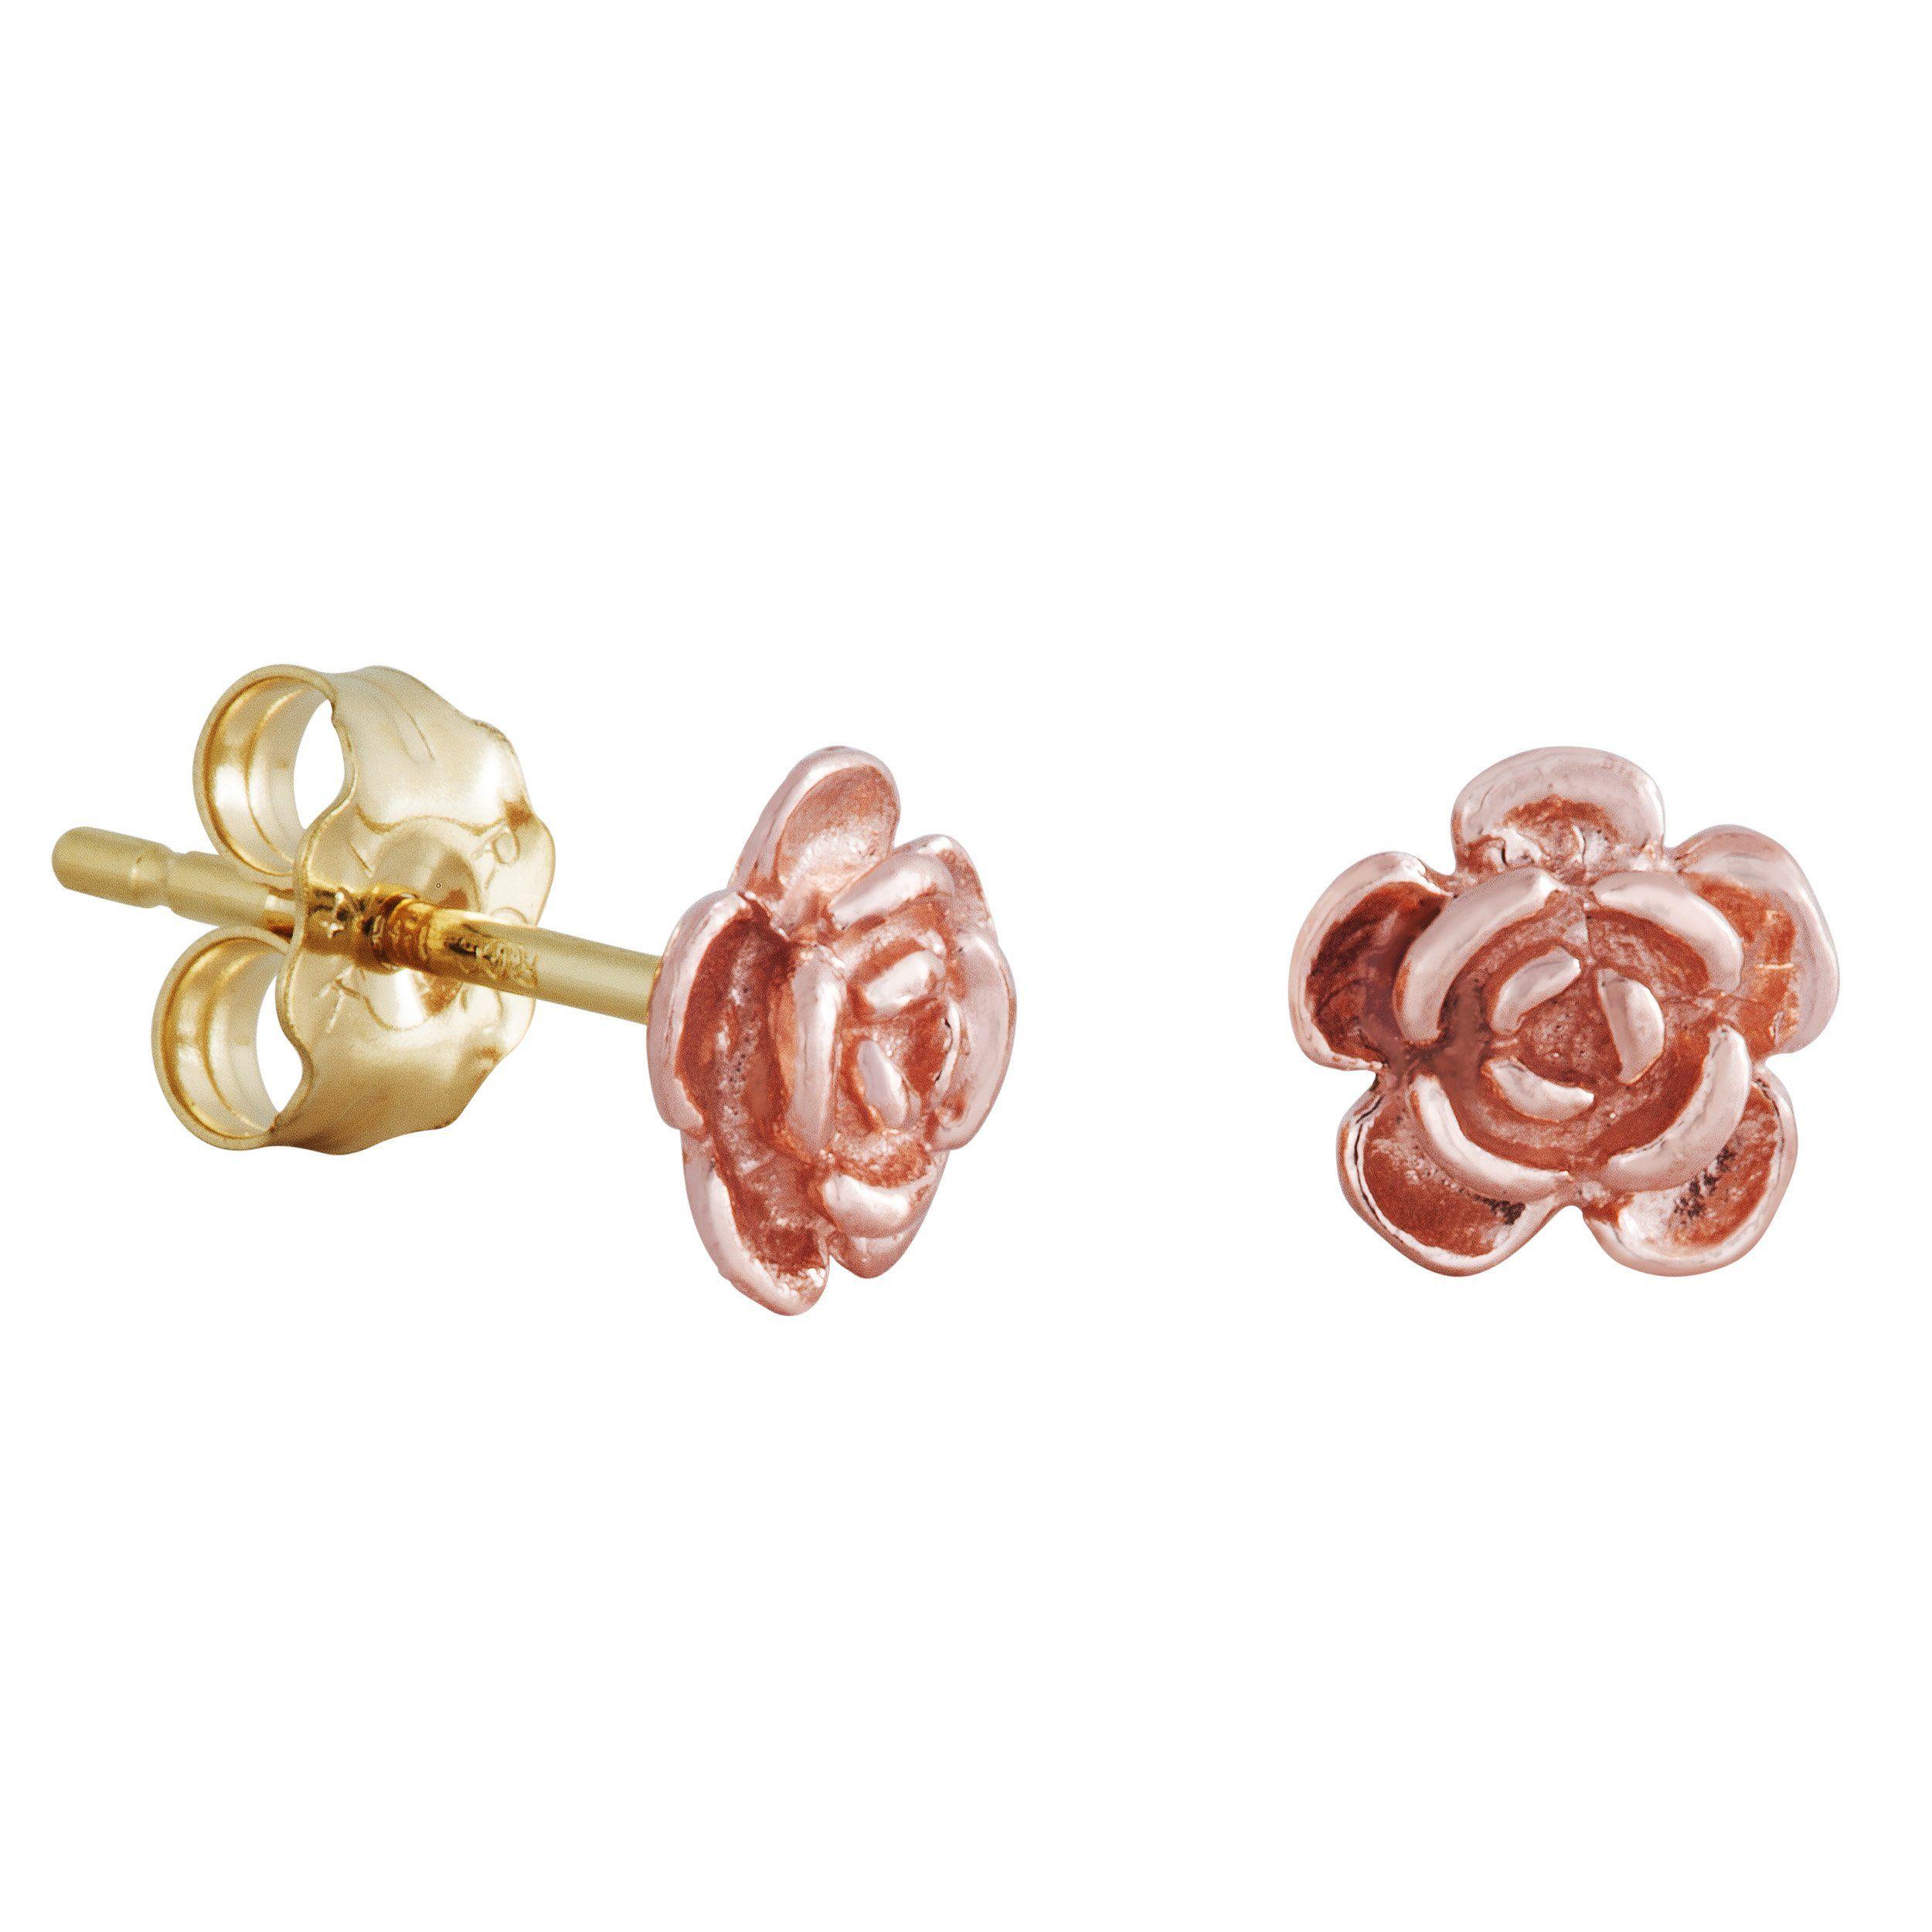 c2bd54bd1 Landstrom's Black Hills Gold Rose Earrings - Studs - Posts - 10K Roses, 14K  Posts & Backs - Handmade - GLA193P